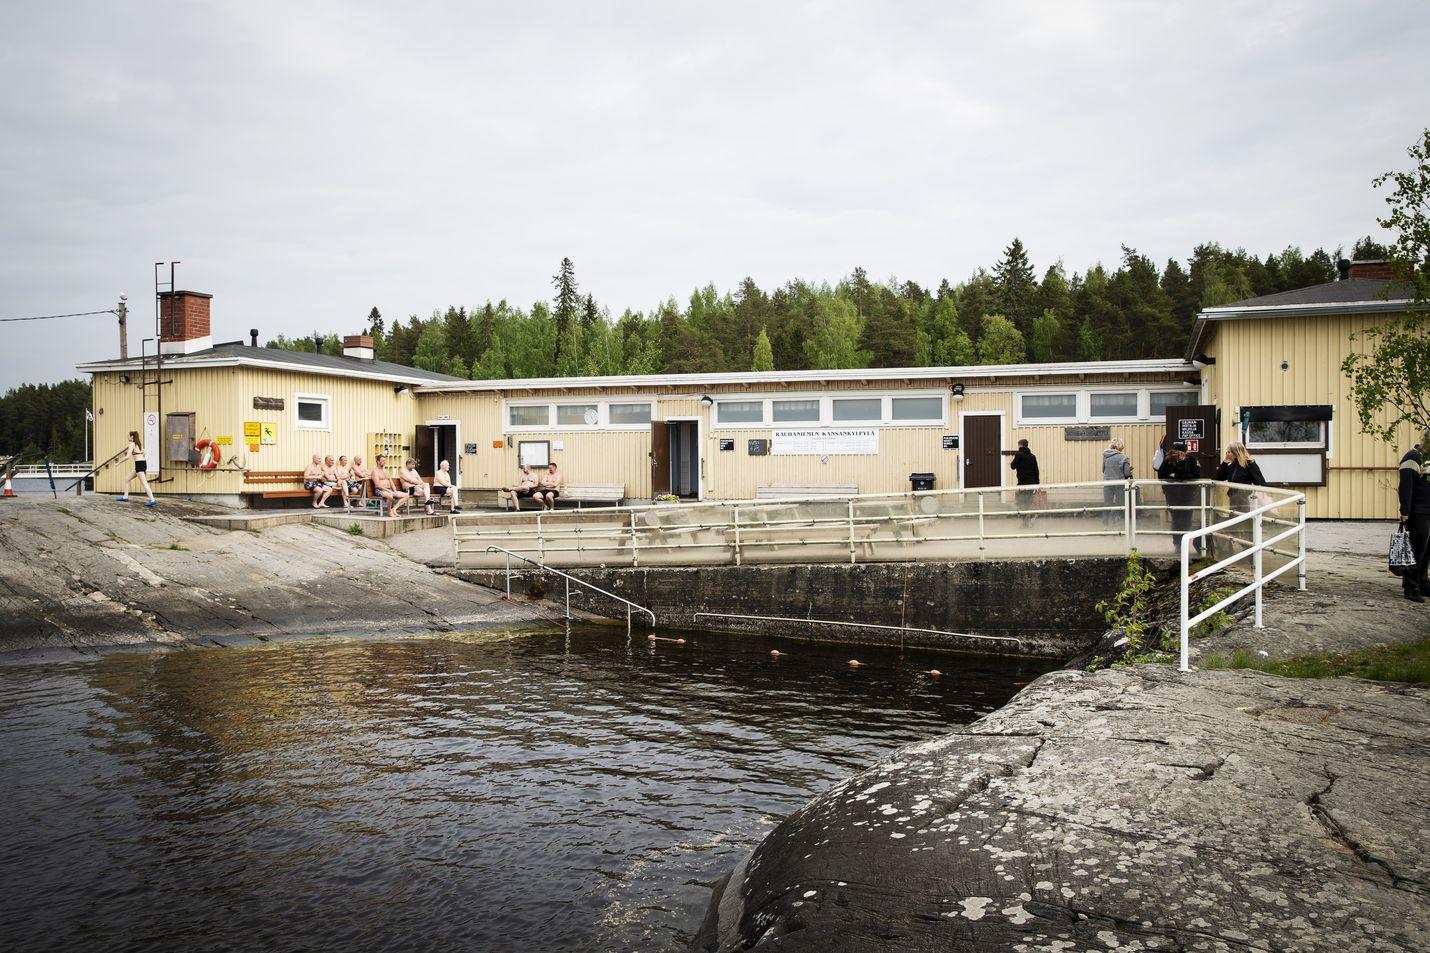 Meillä suomalaisille niin rakas sauna, oli se sitten puulämmitteinen, sähkö- tai infrapunasauna unohtamatta savusaunan lempeitä löylyjä.